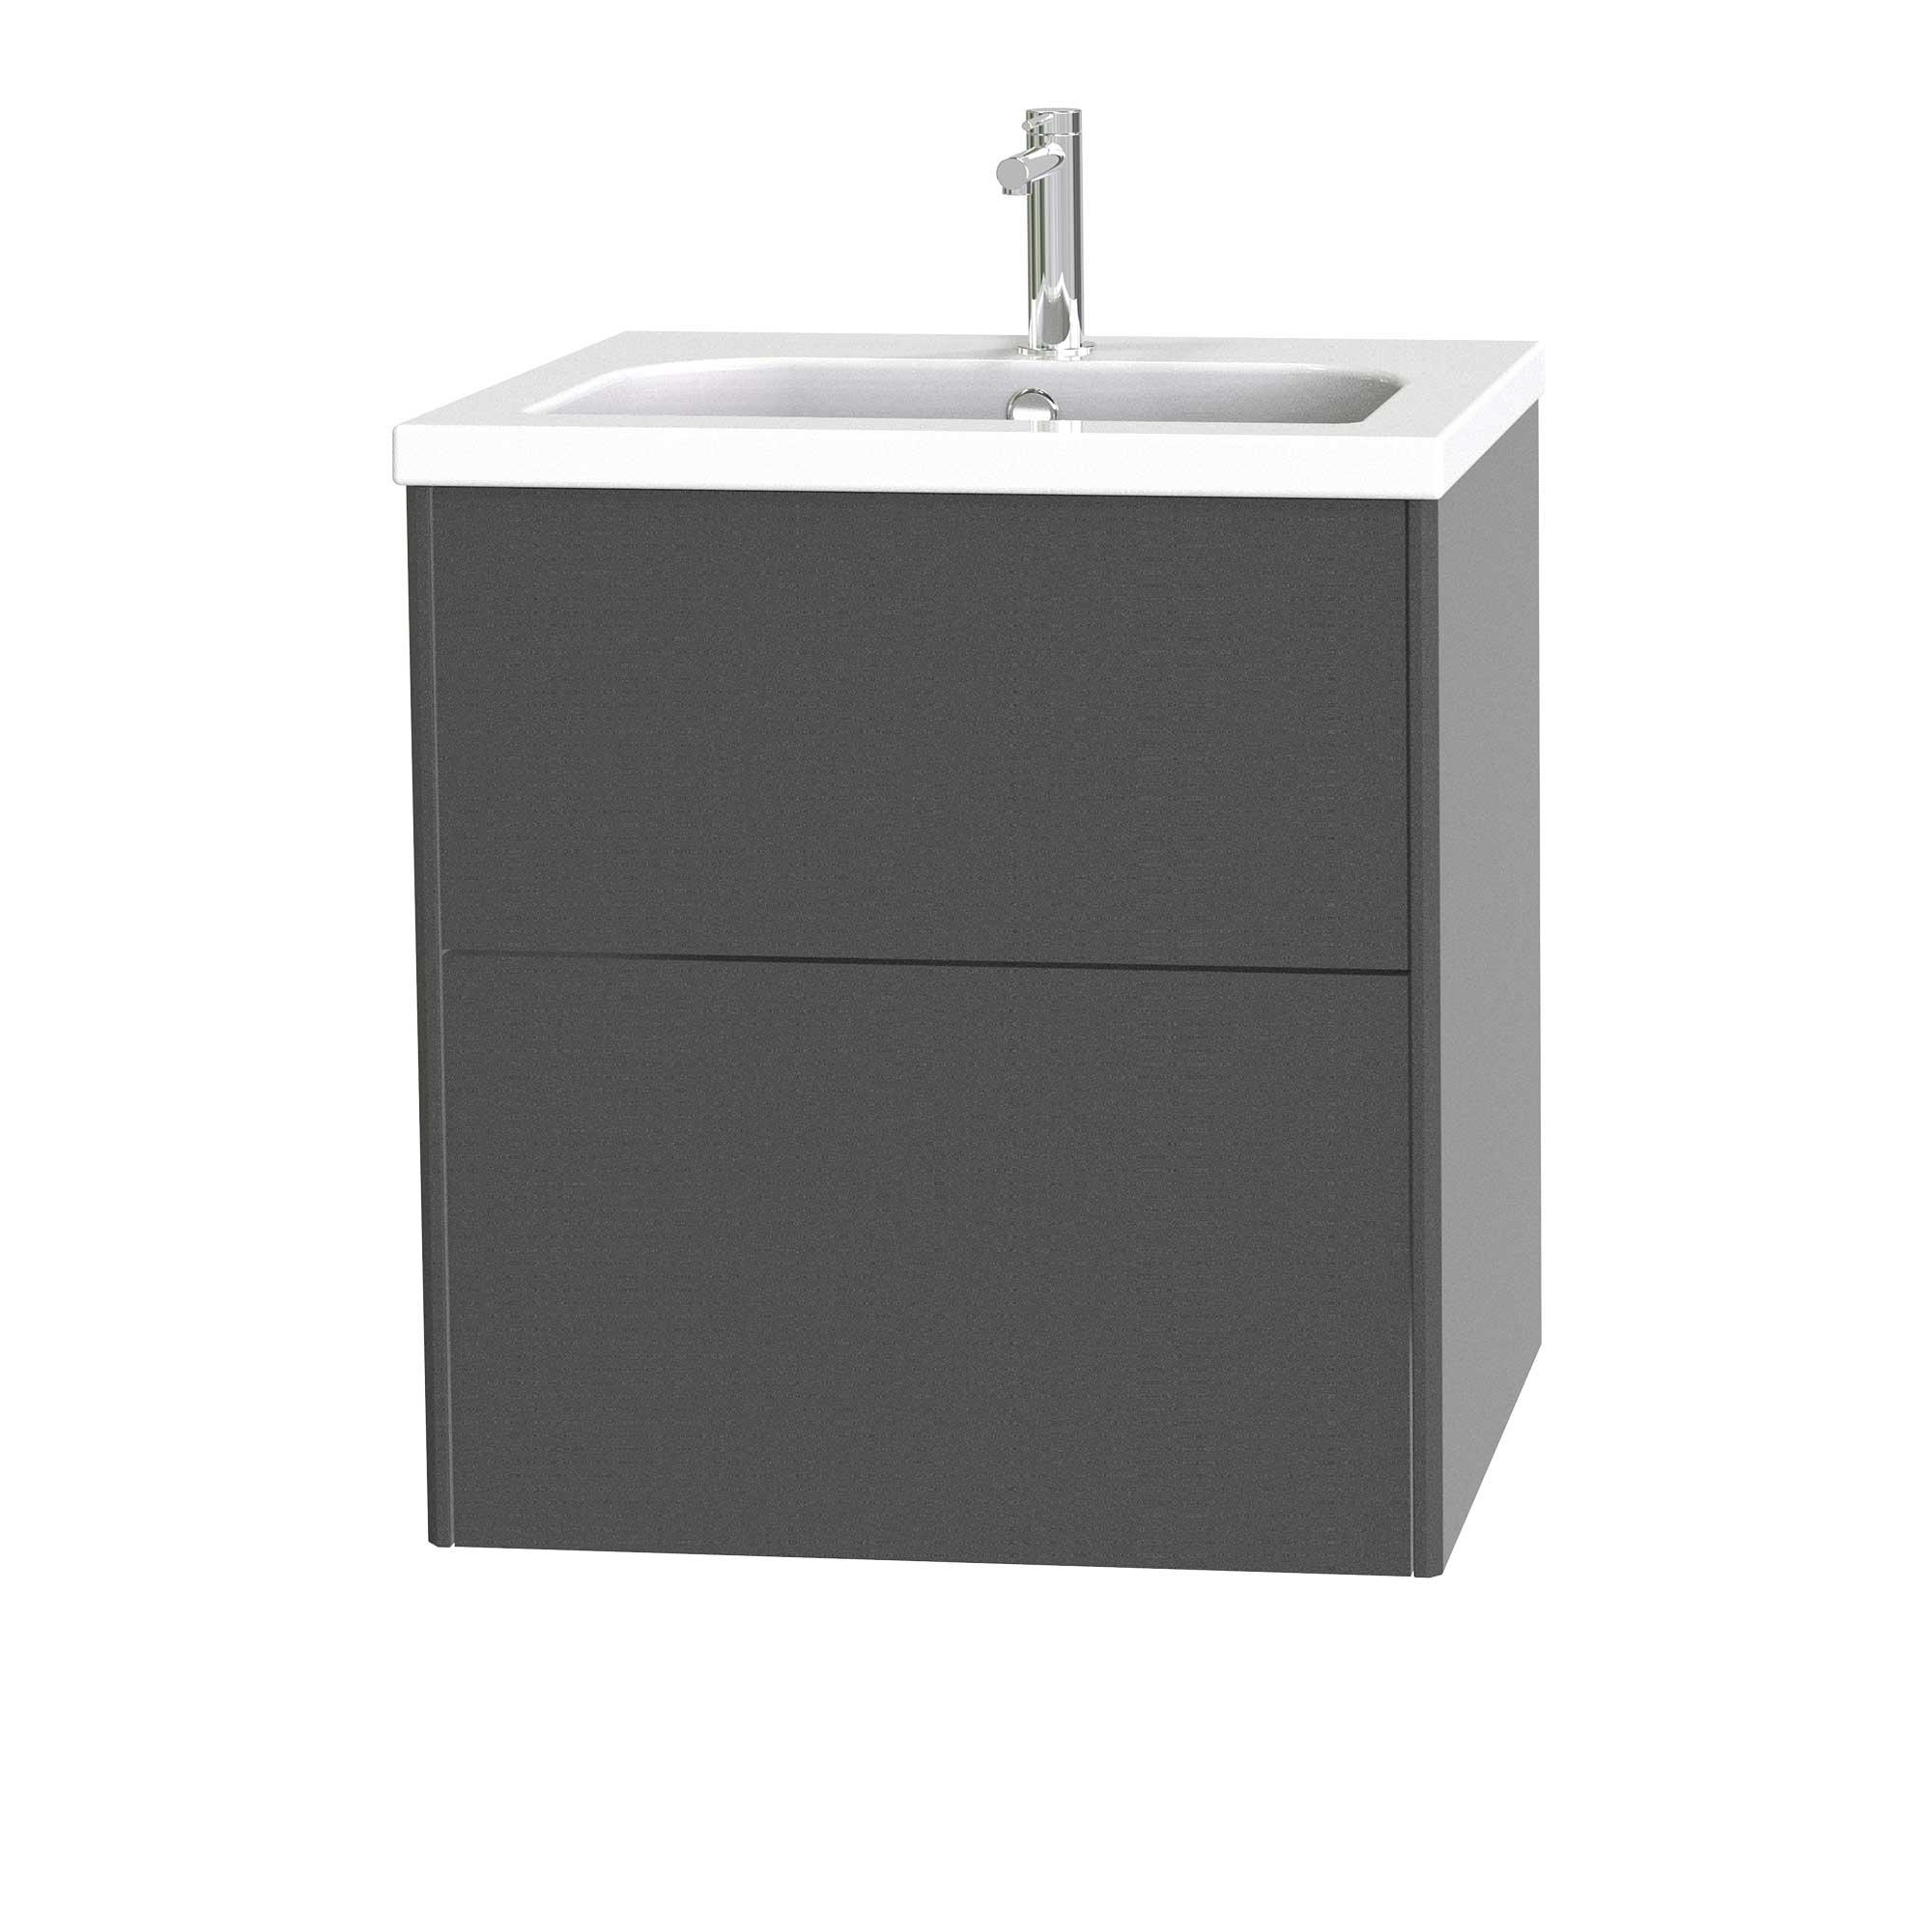 Tvättställsskåp Miller Badrum Brooklyn 60 med Lådor för Heltäckande Tvättställ